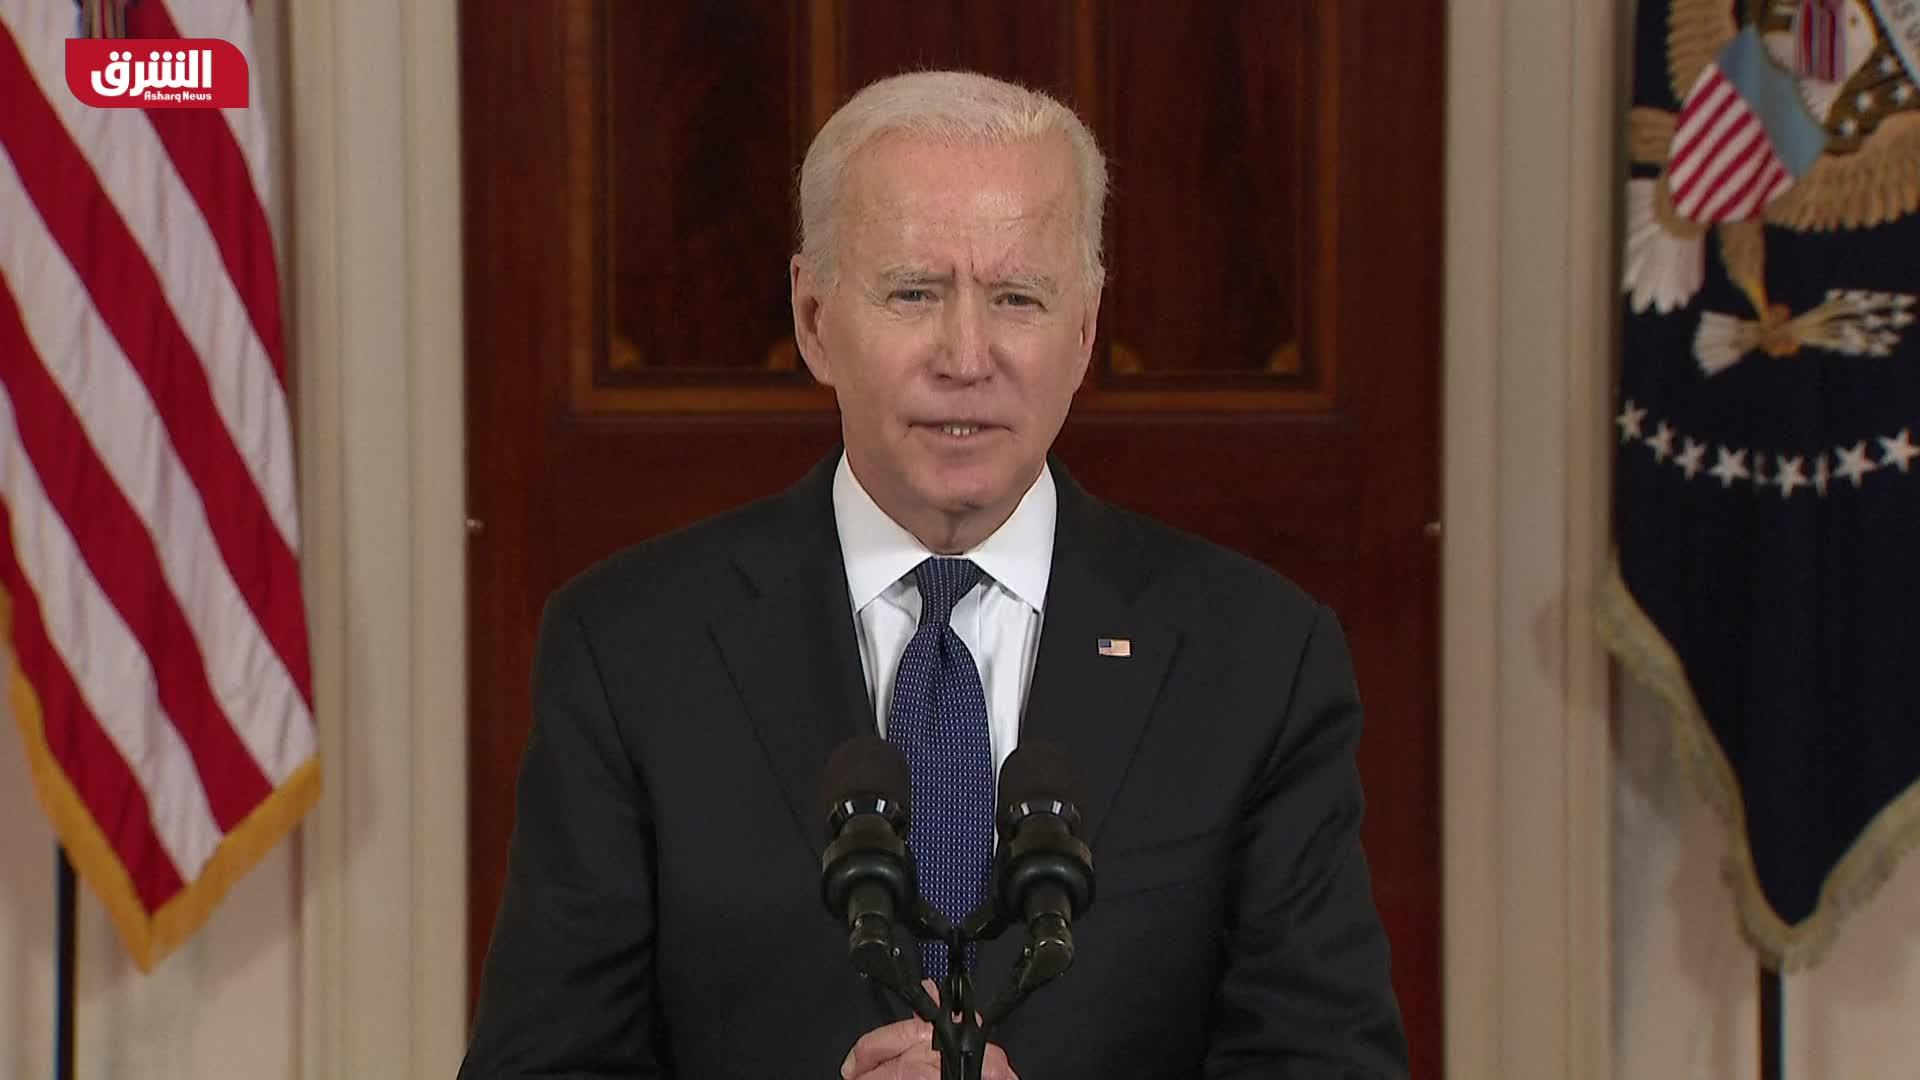 كلمة للرئيس الأميركي جو بايدن بشأن وقف إطلاق النار في غزة